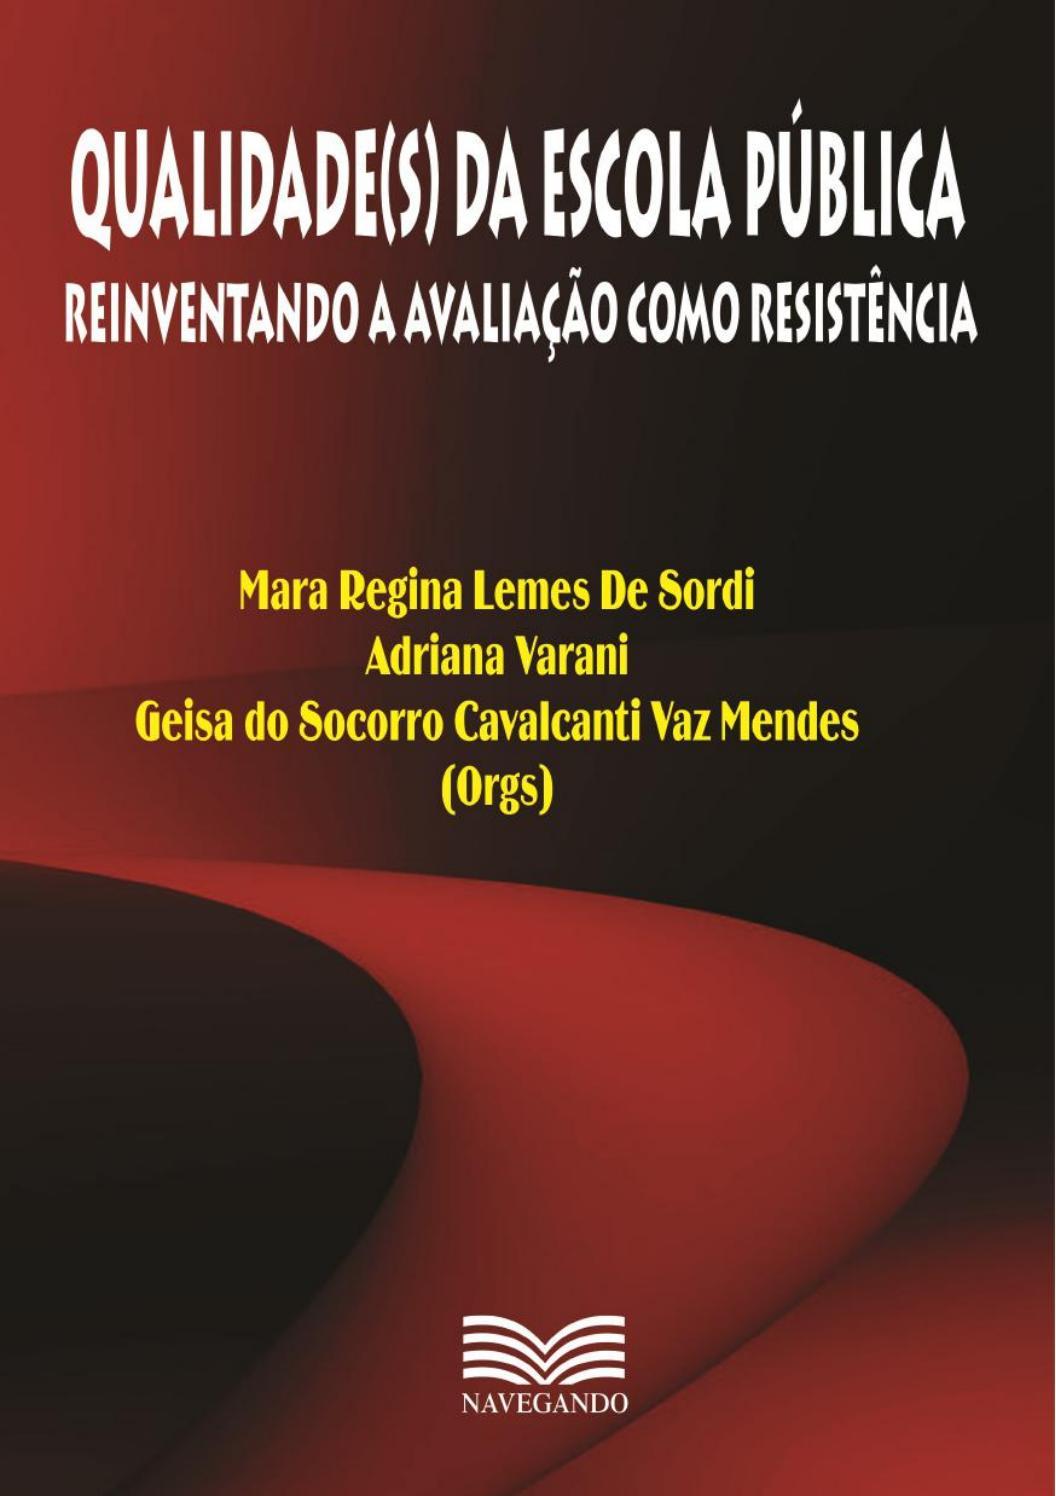 1b98e2e66 Qualidade(s) da escola pública - reinventando a avaliação by Carlos Lucena  - issuu